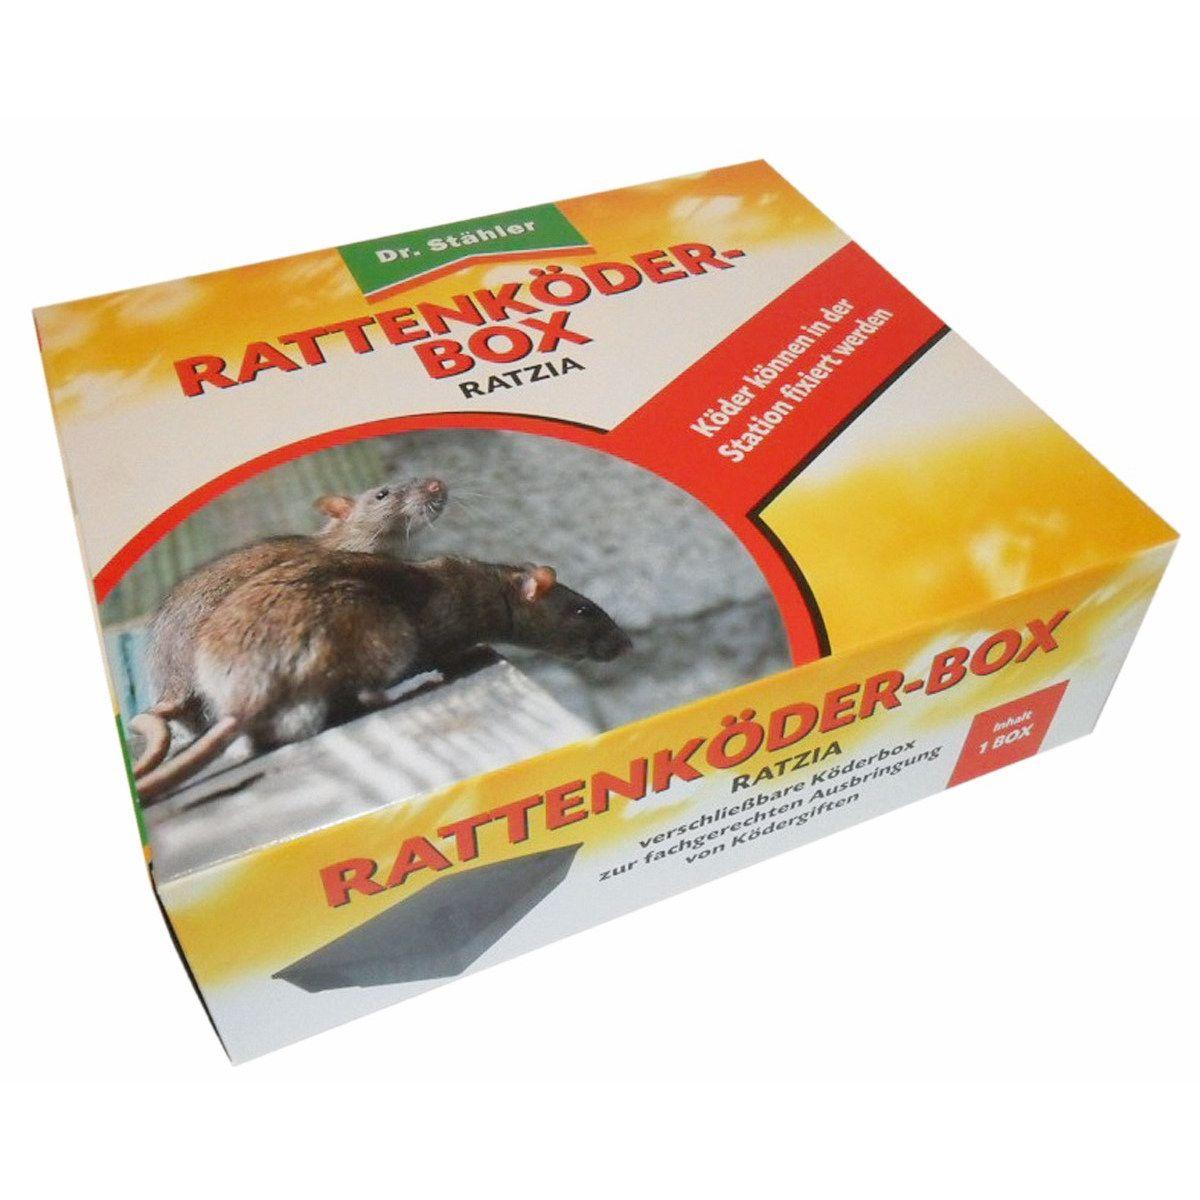 Dr. Stähler Ratzia Rattenköder-Box schwarz